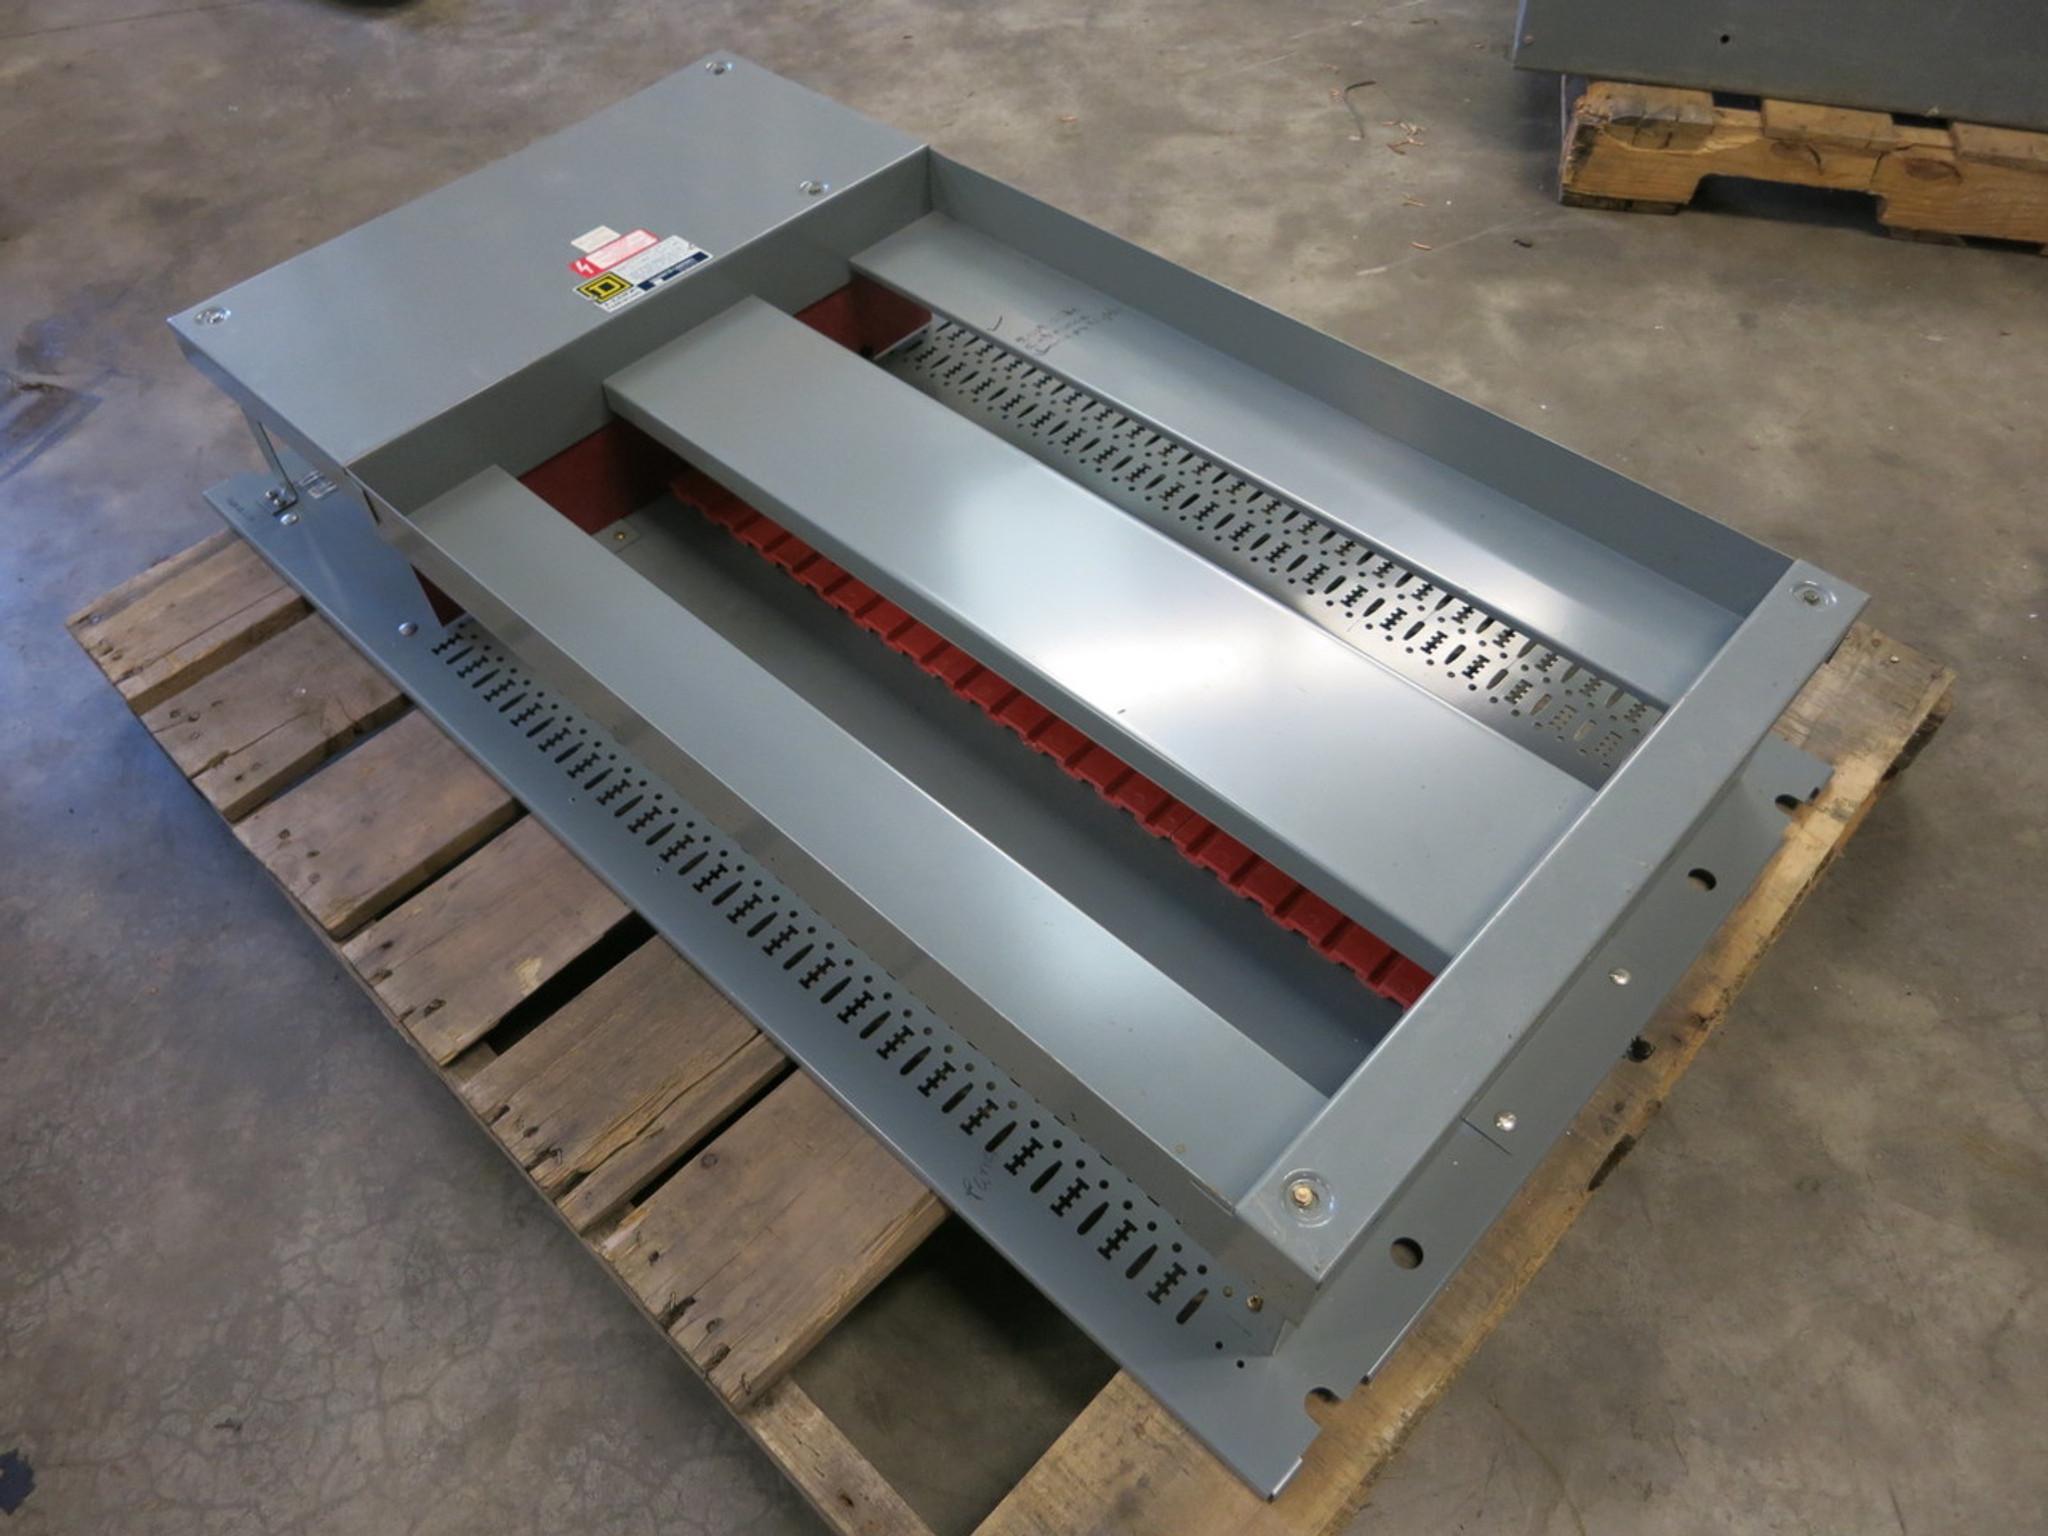 Square D Breaker Panel Refresh